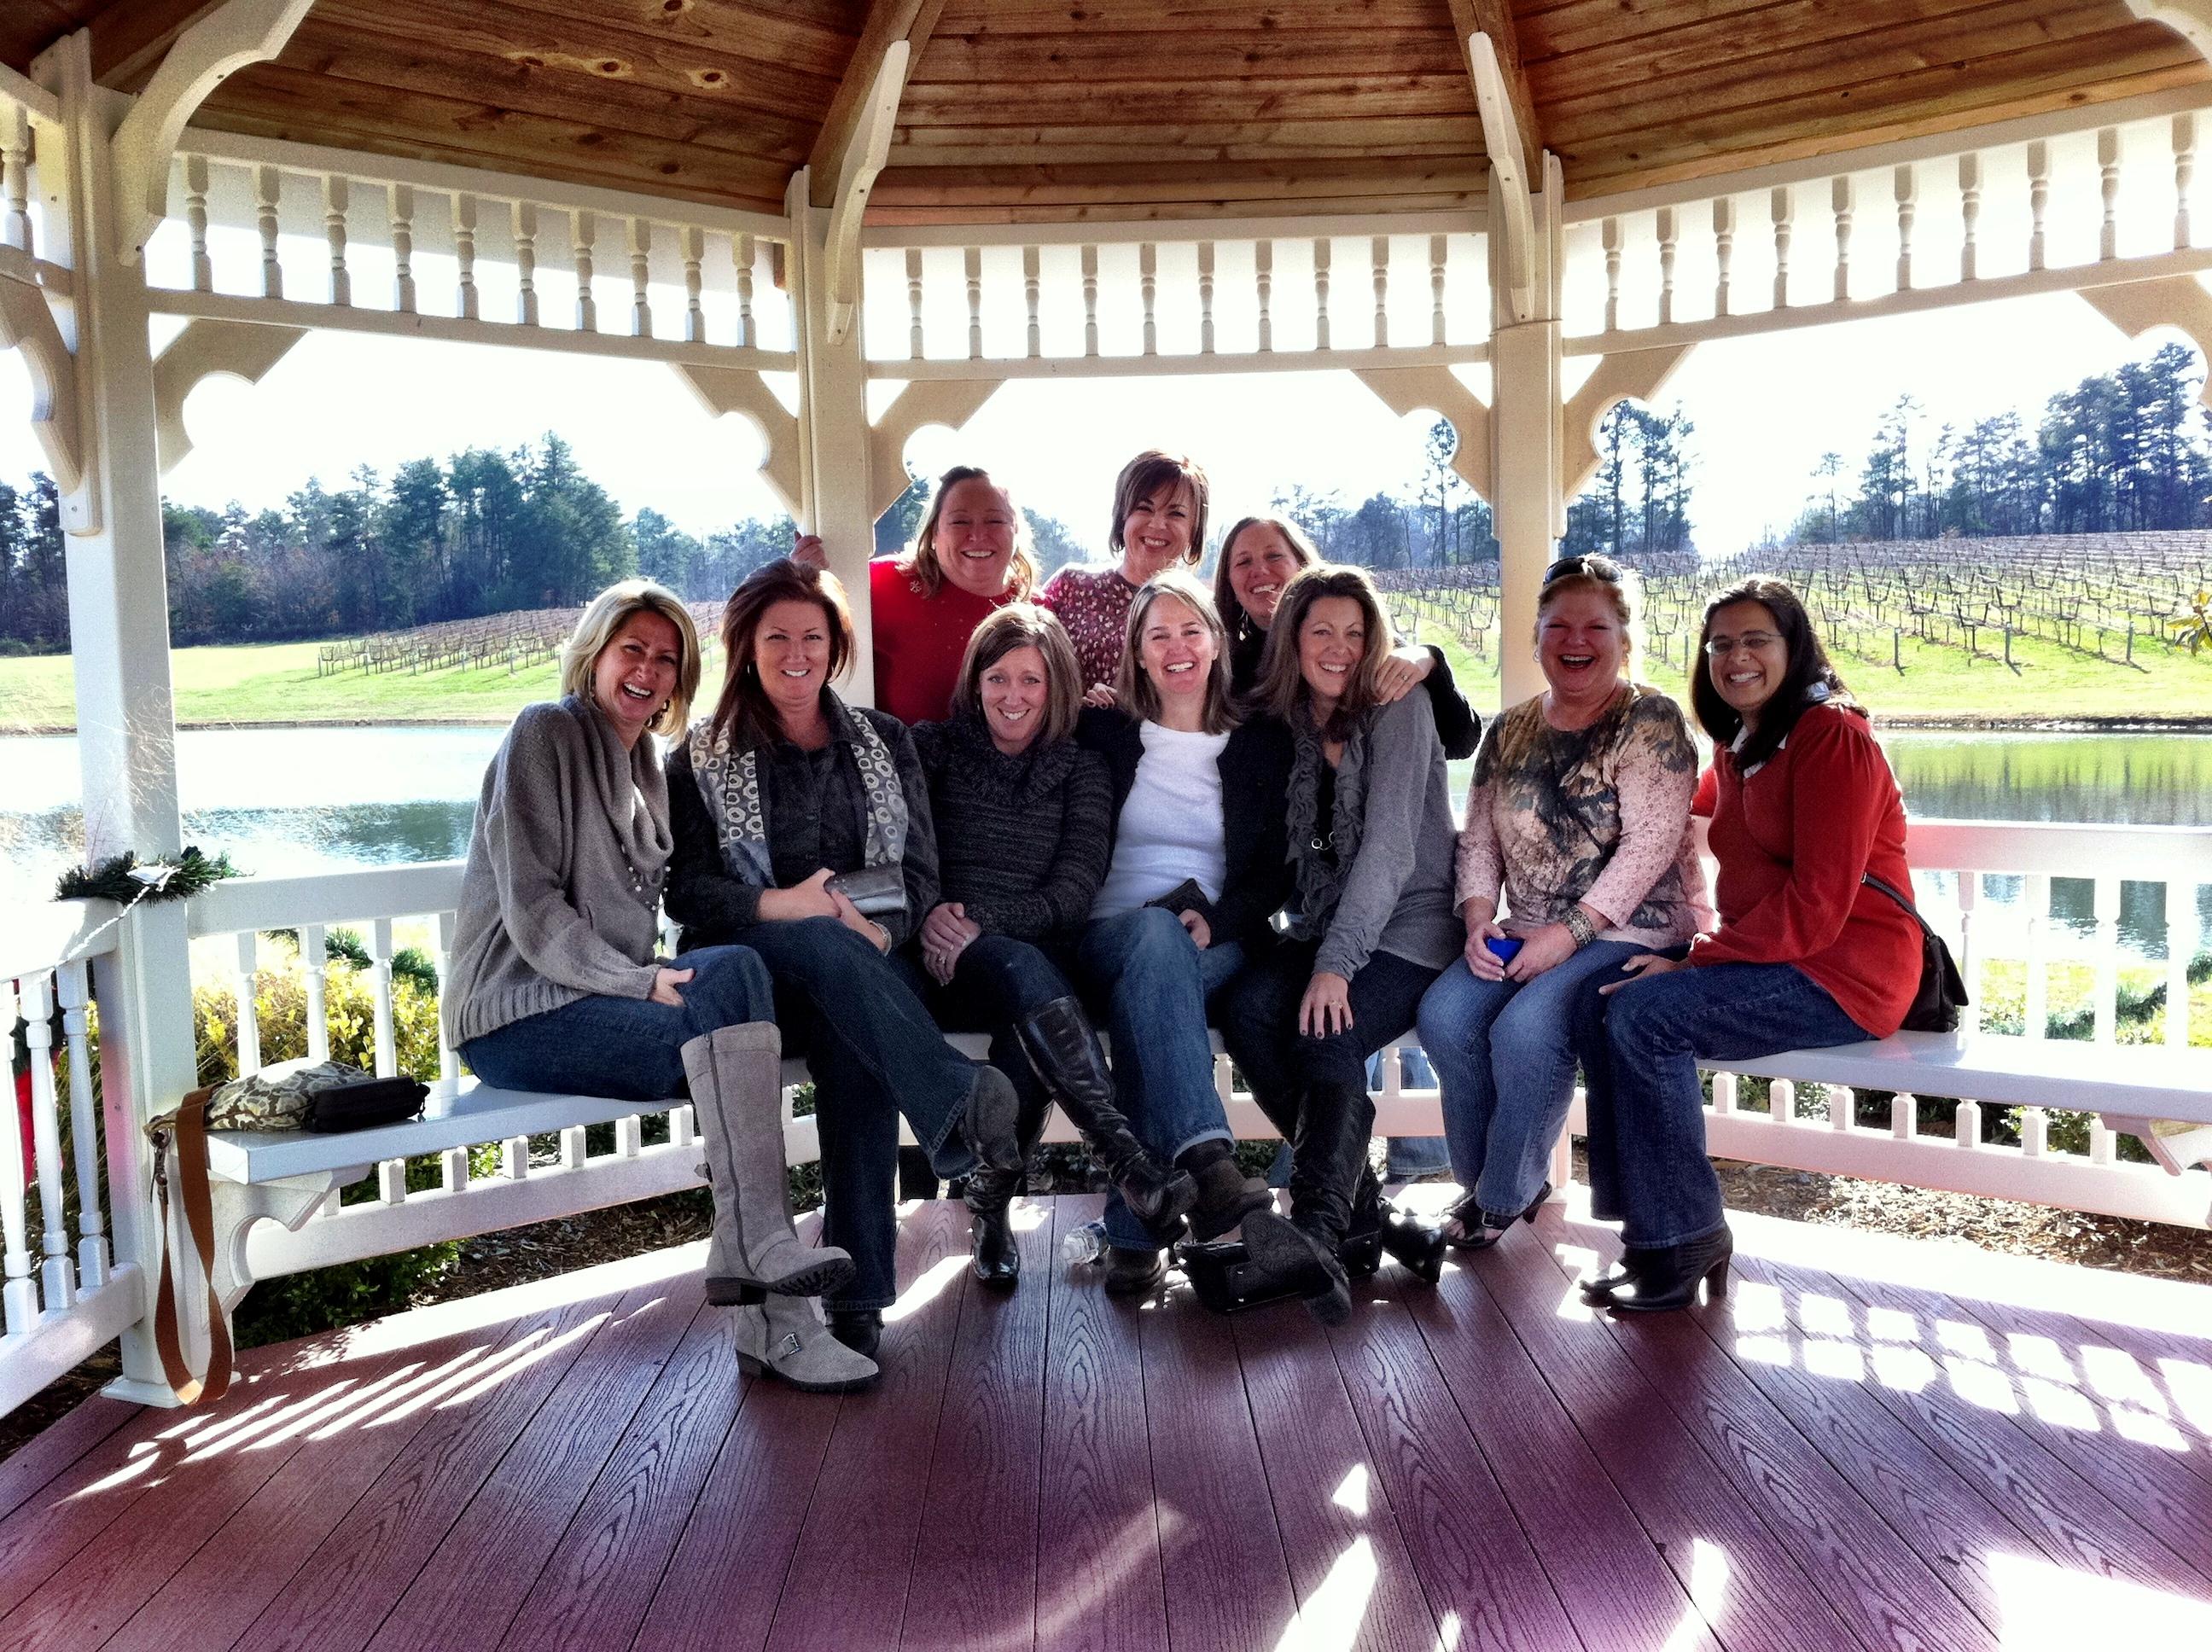 Carolina Luxury Transportation Group NC wine tour